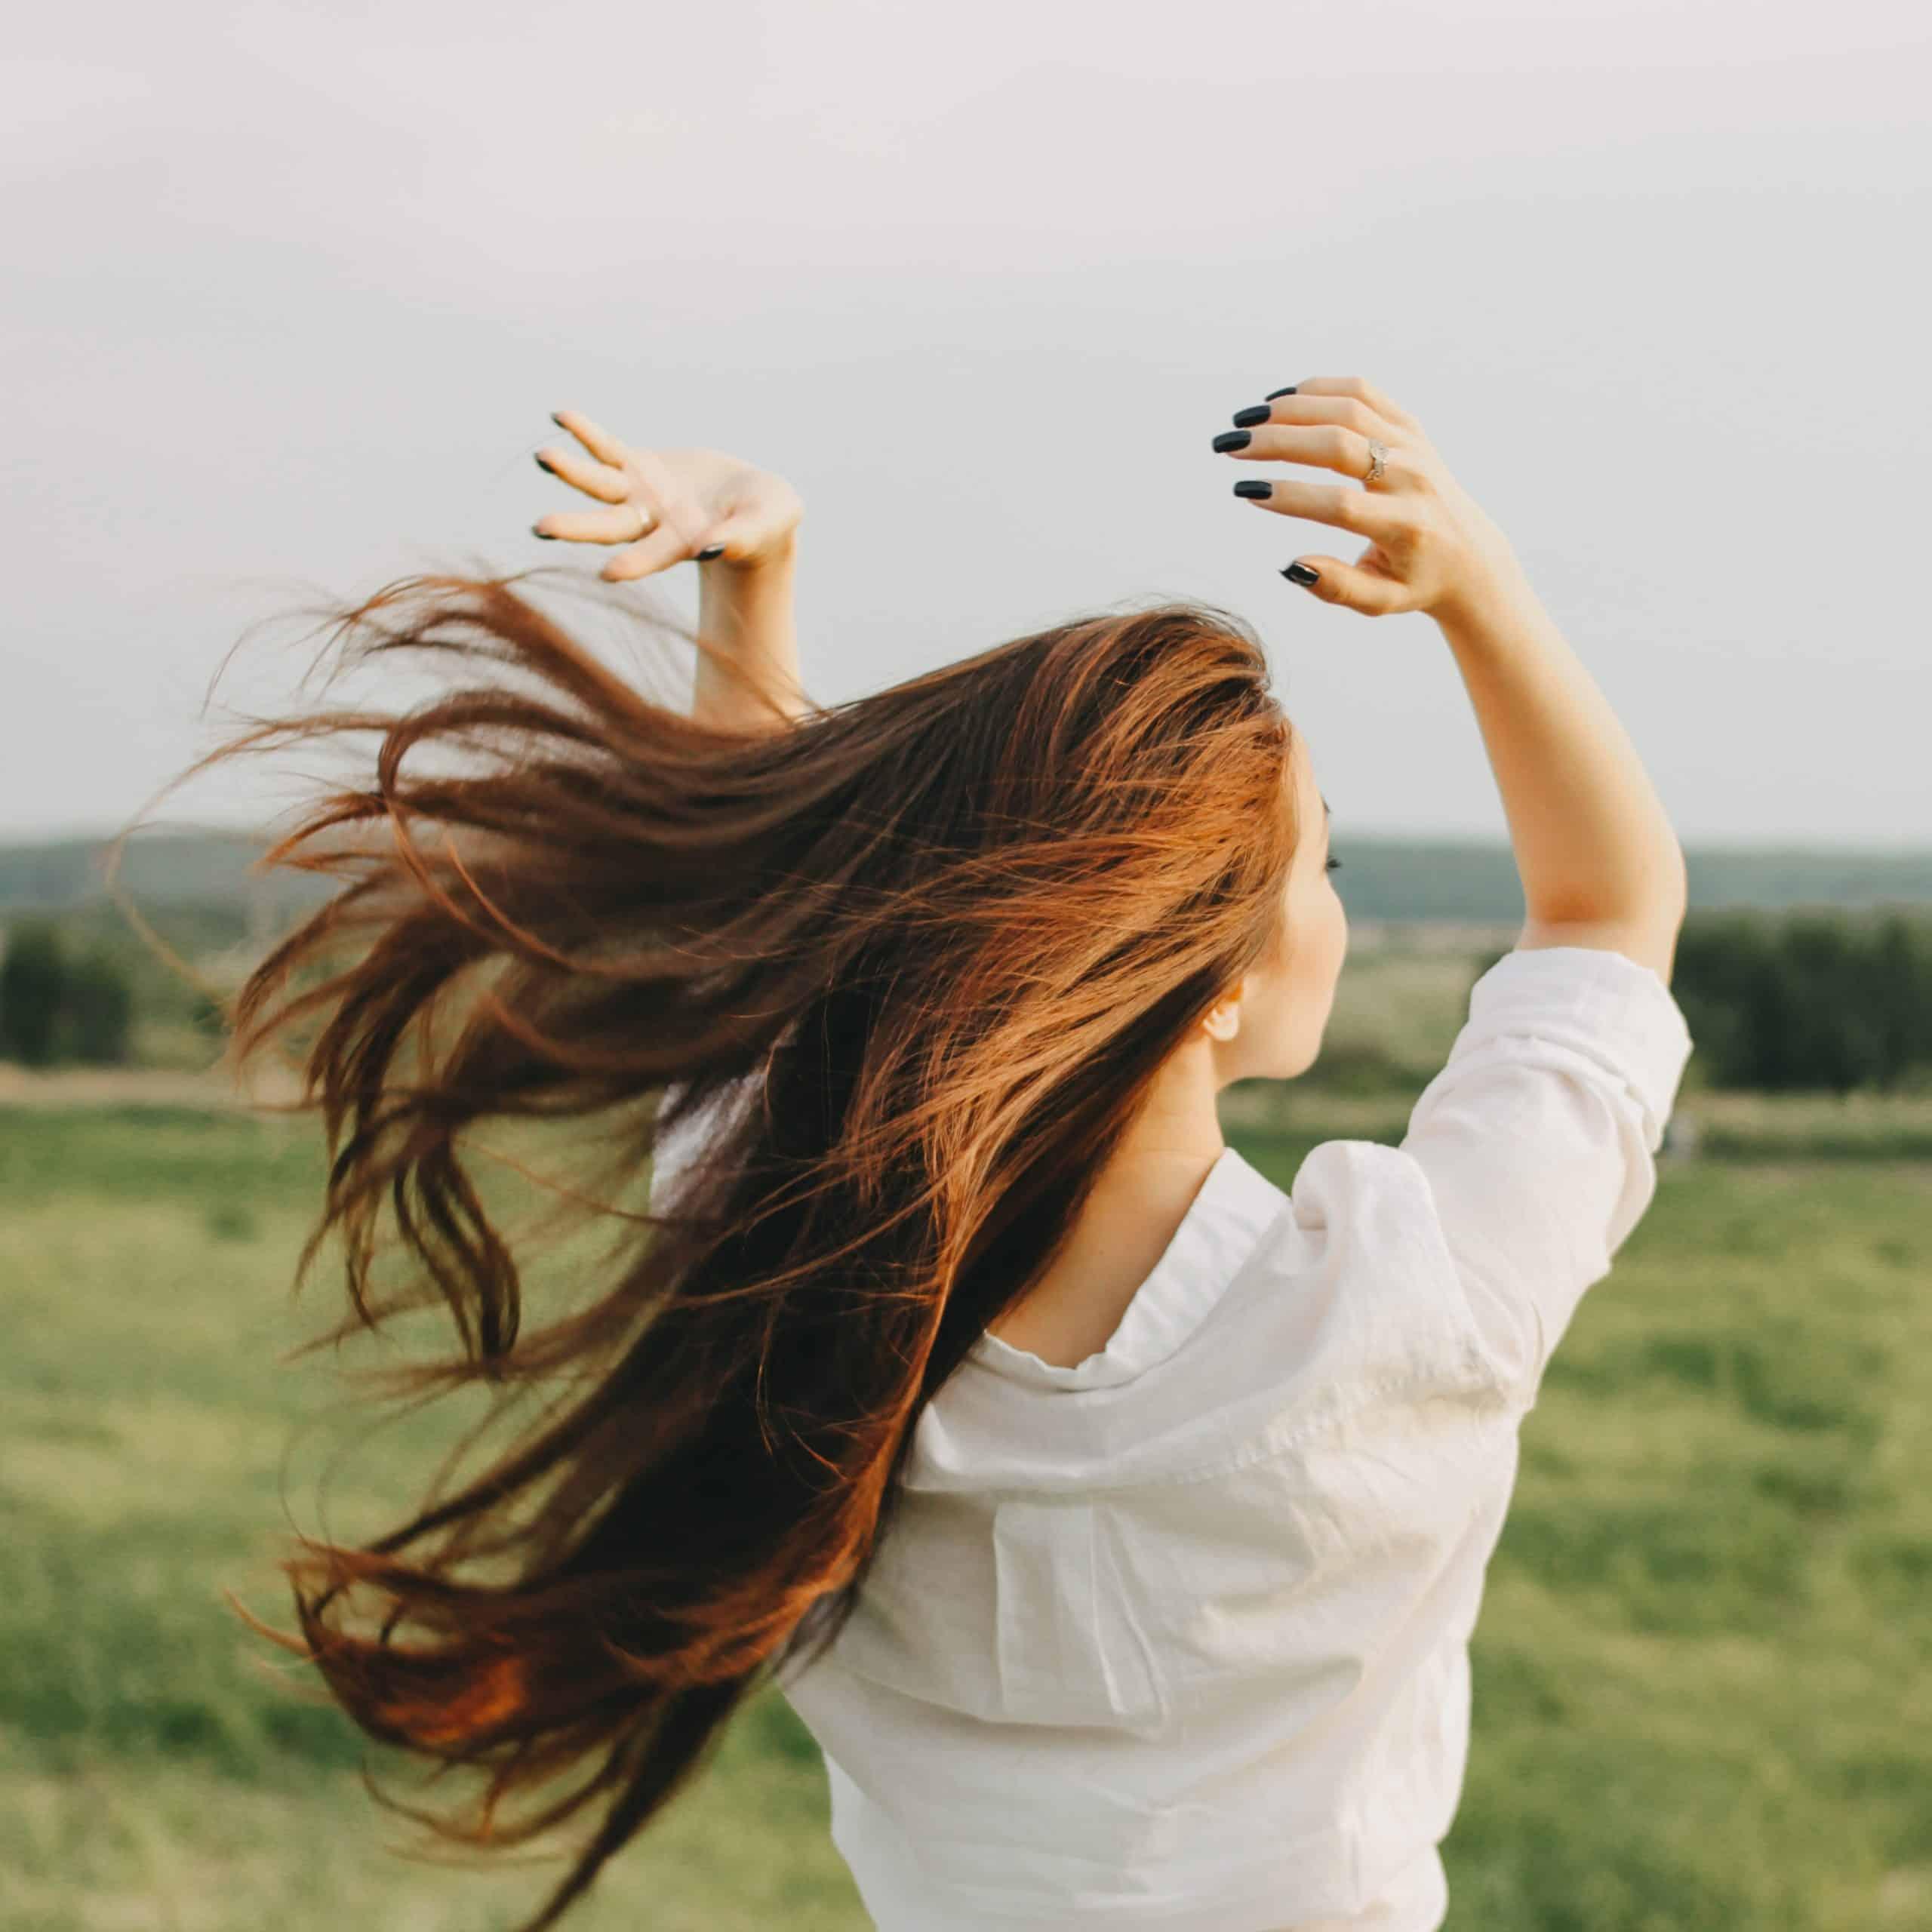 Tipps für gesunde, natürliche und kraftvolle Haare